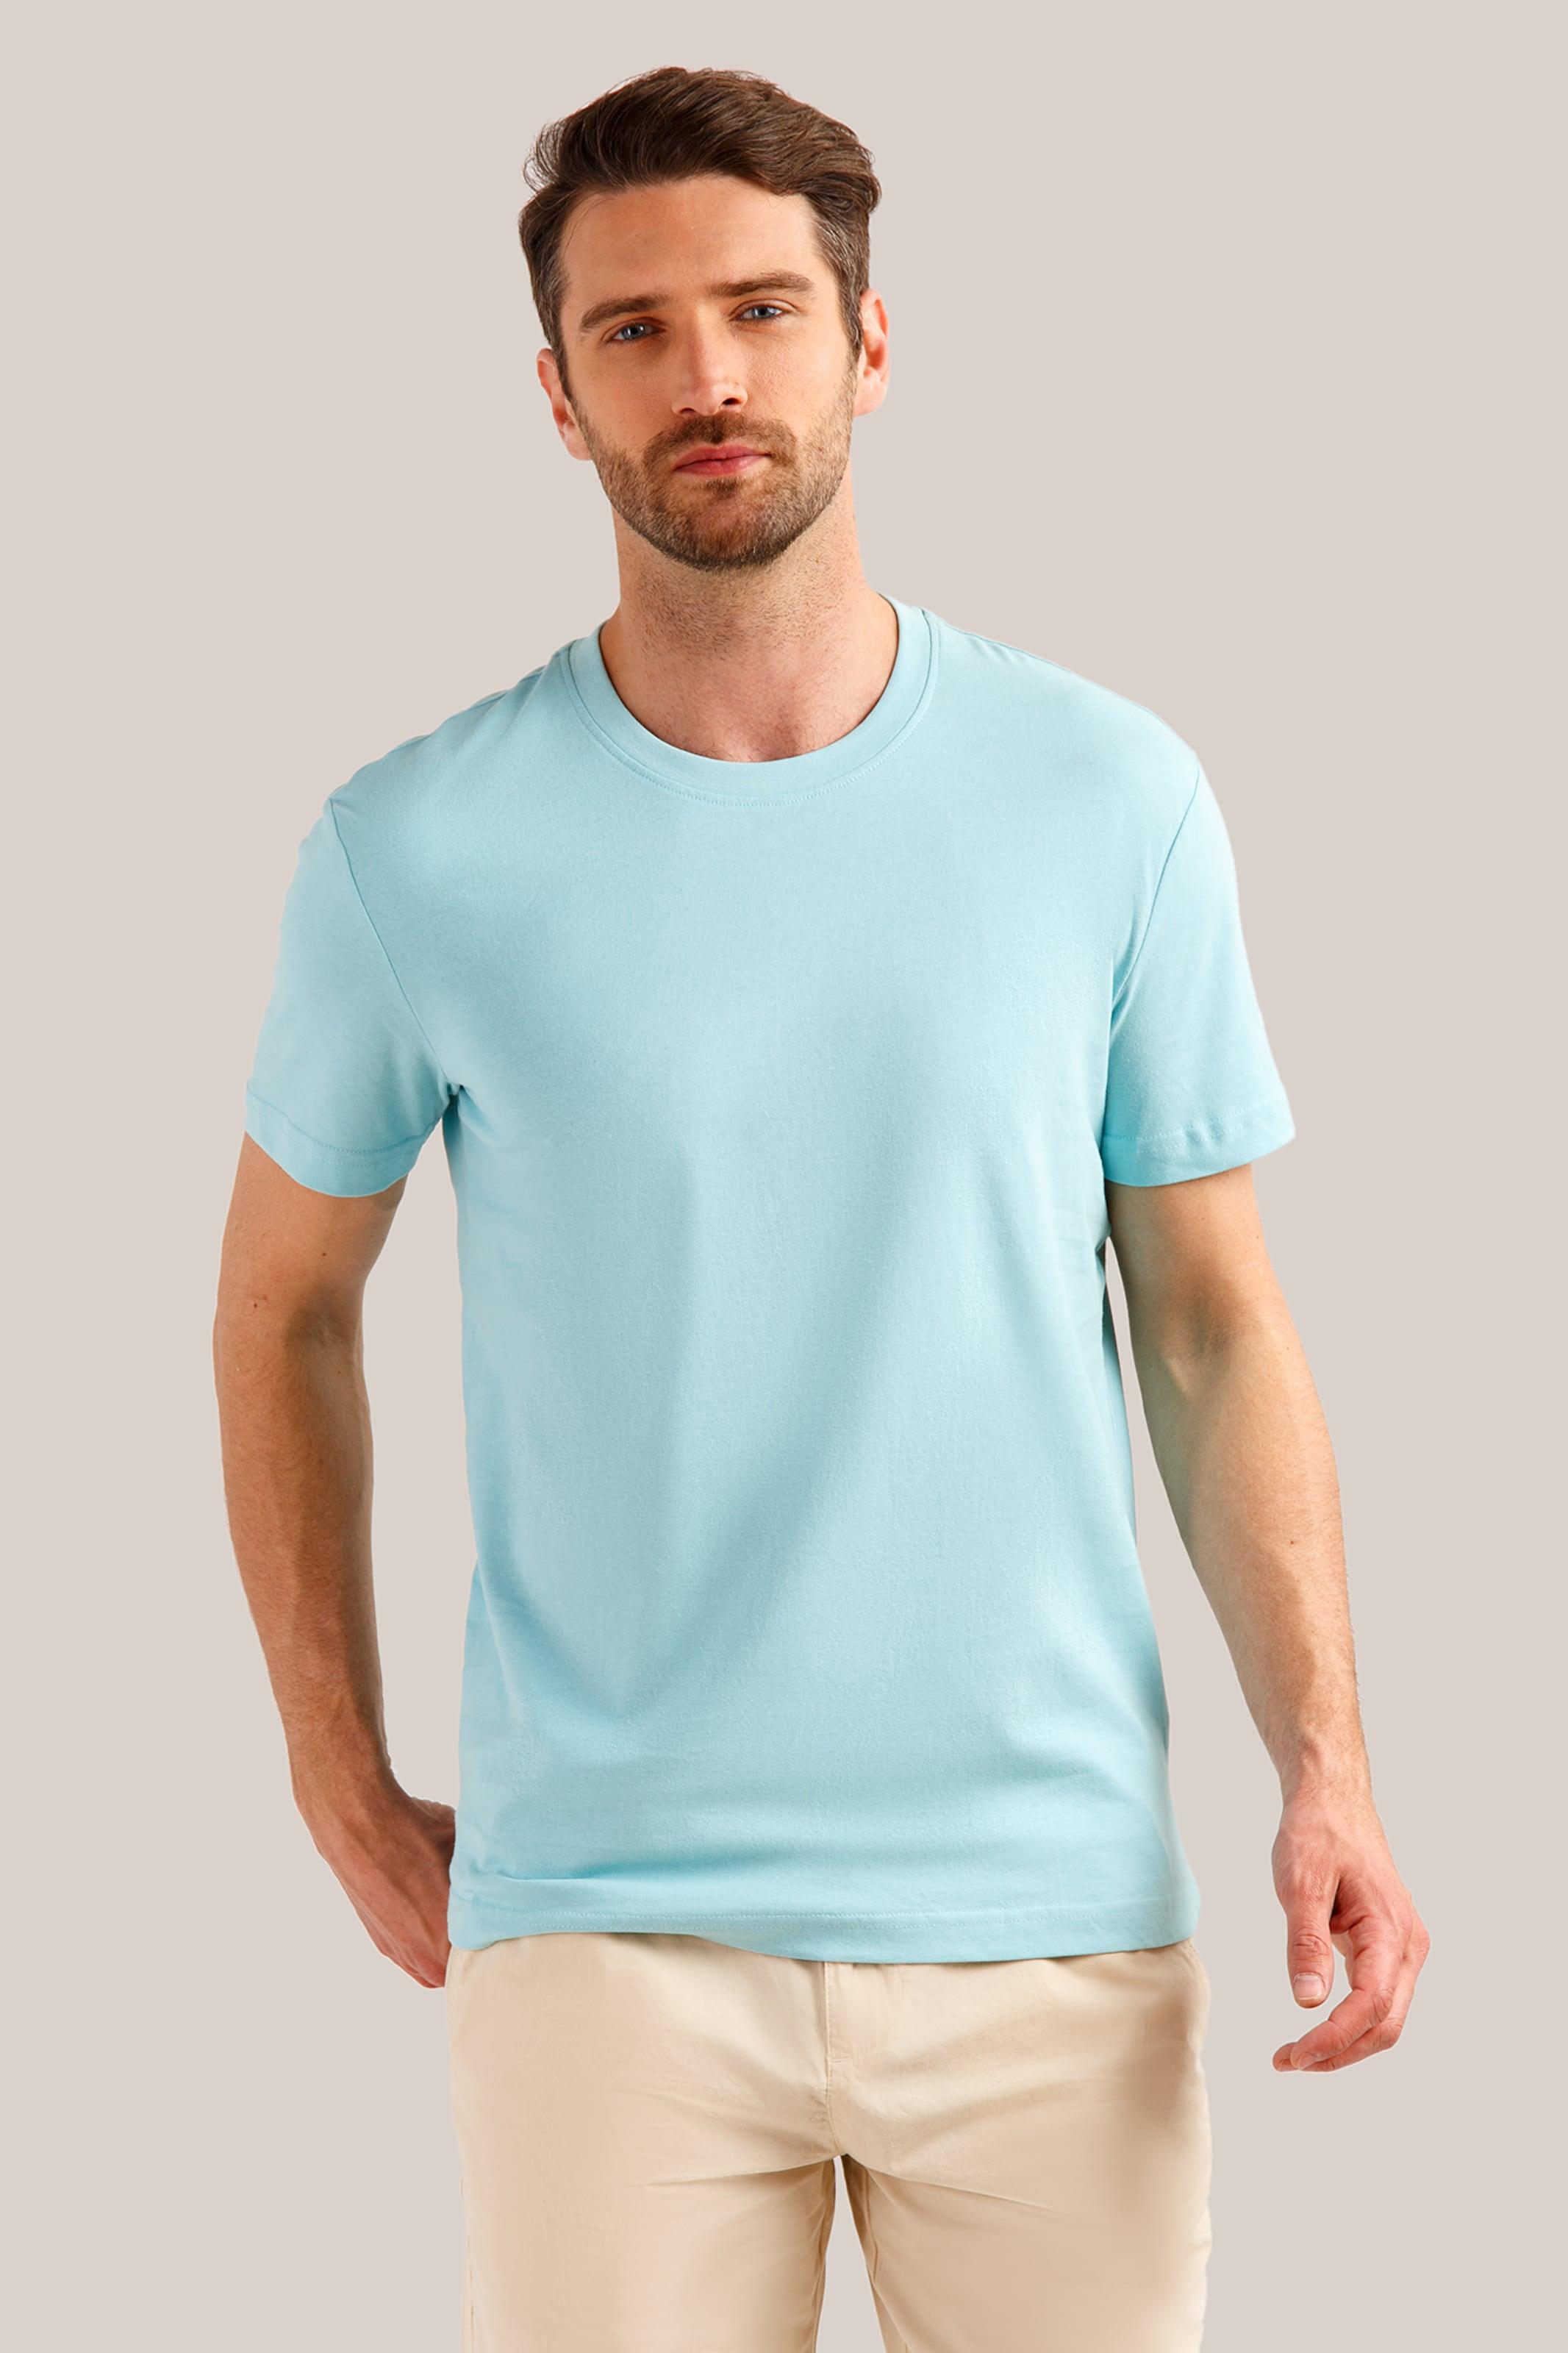 Flare Basic Hellblau shirt Klassischem Design In Finn 5Lq4A3Rj